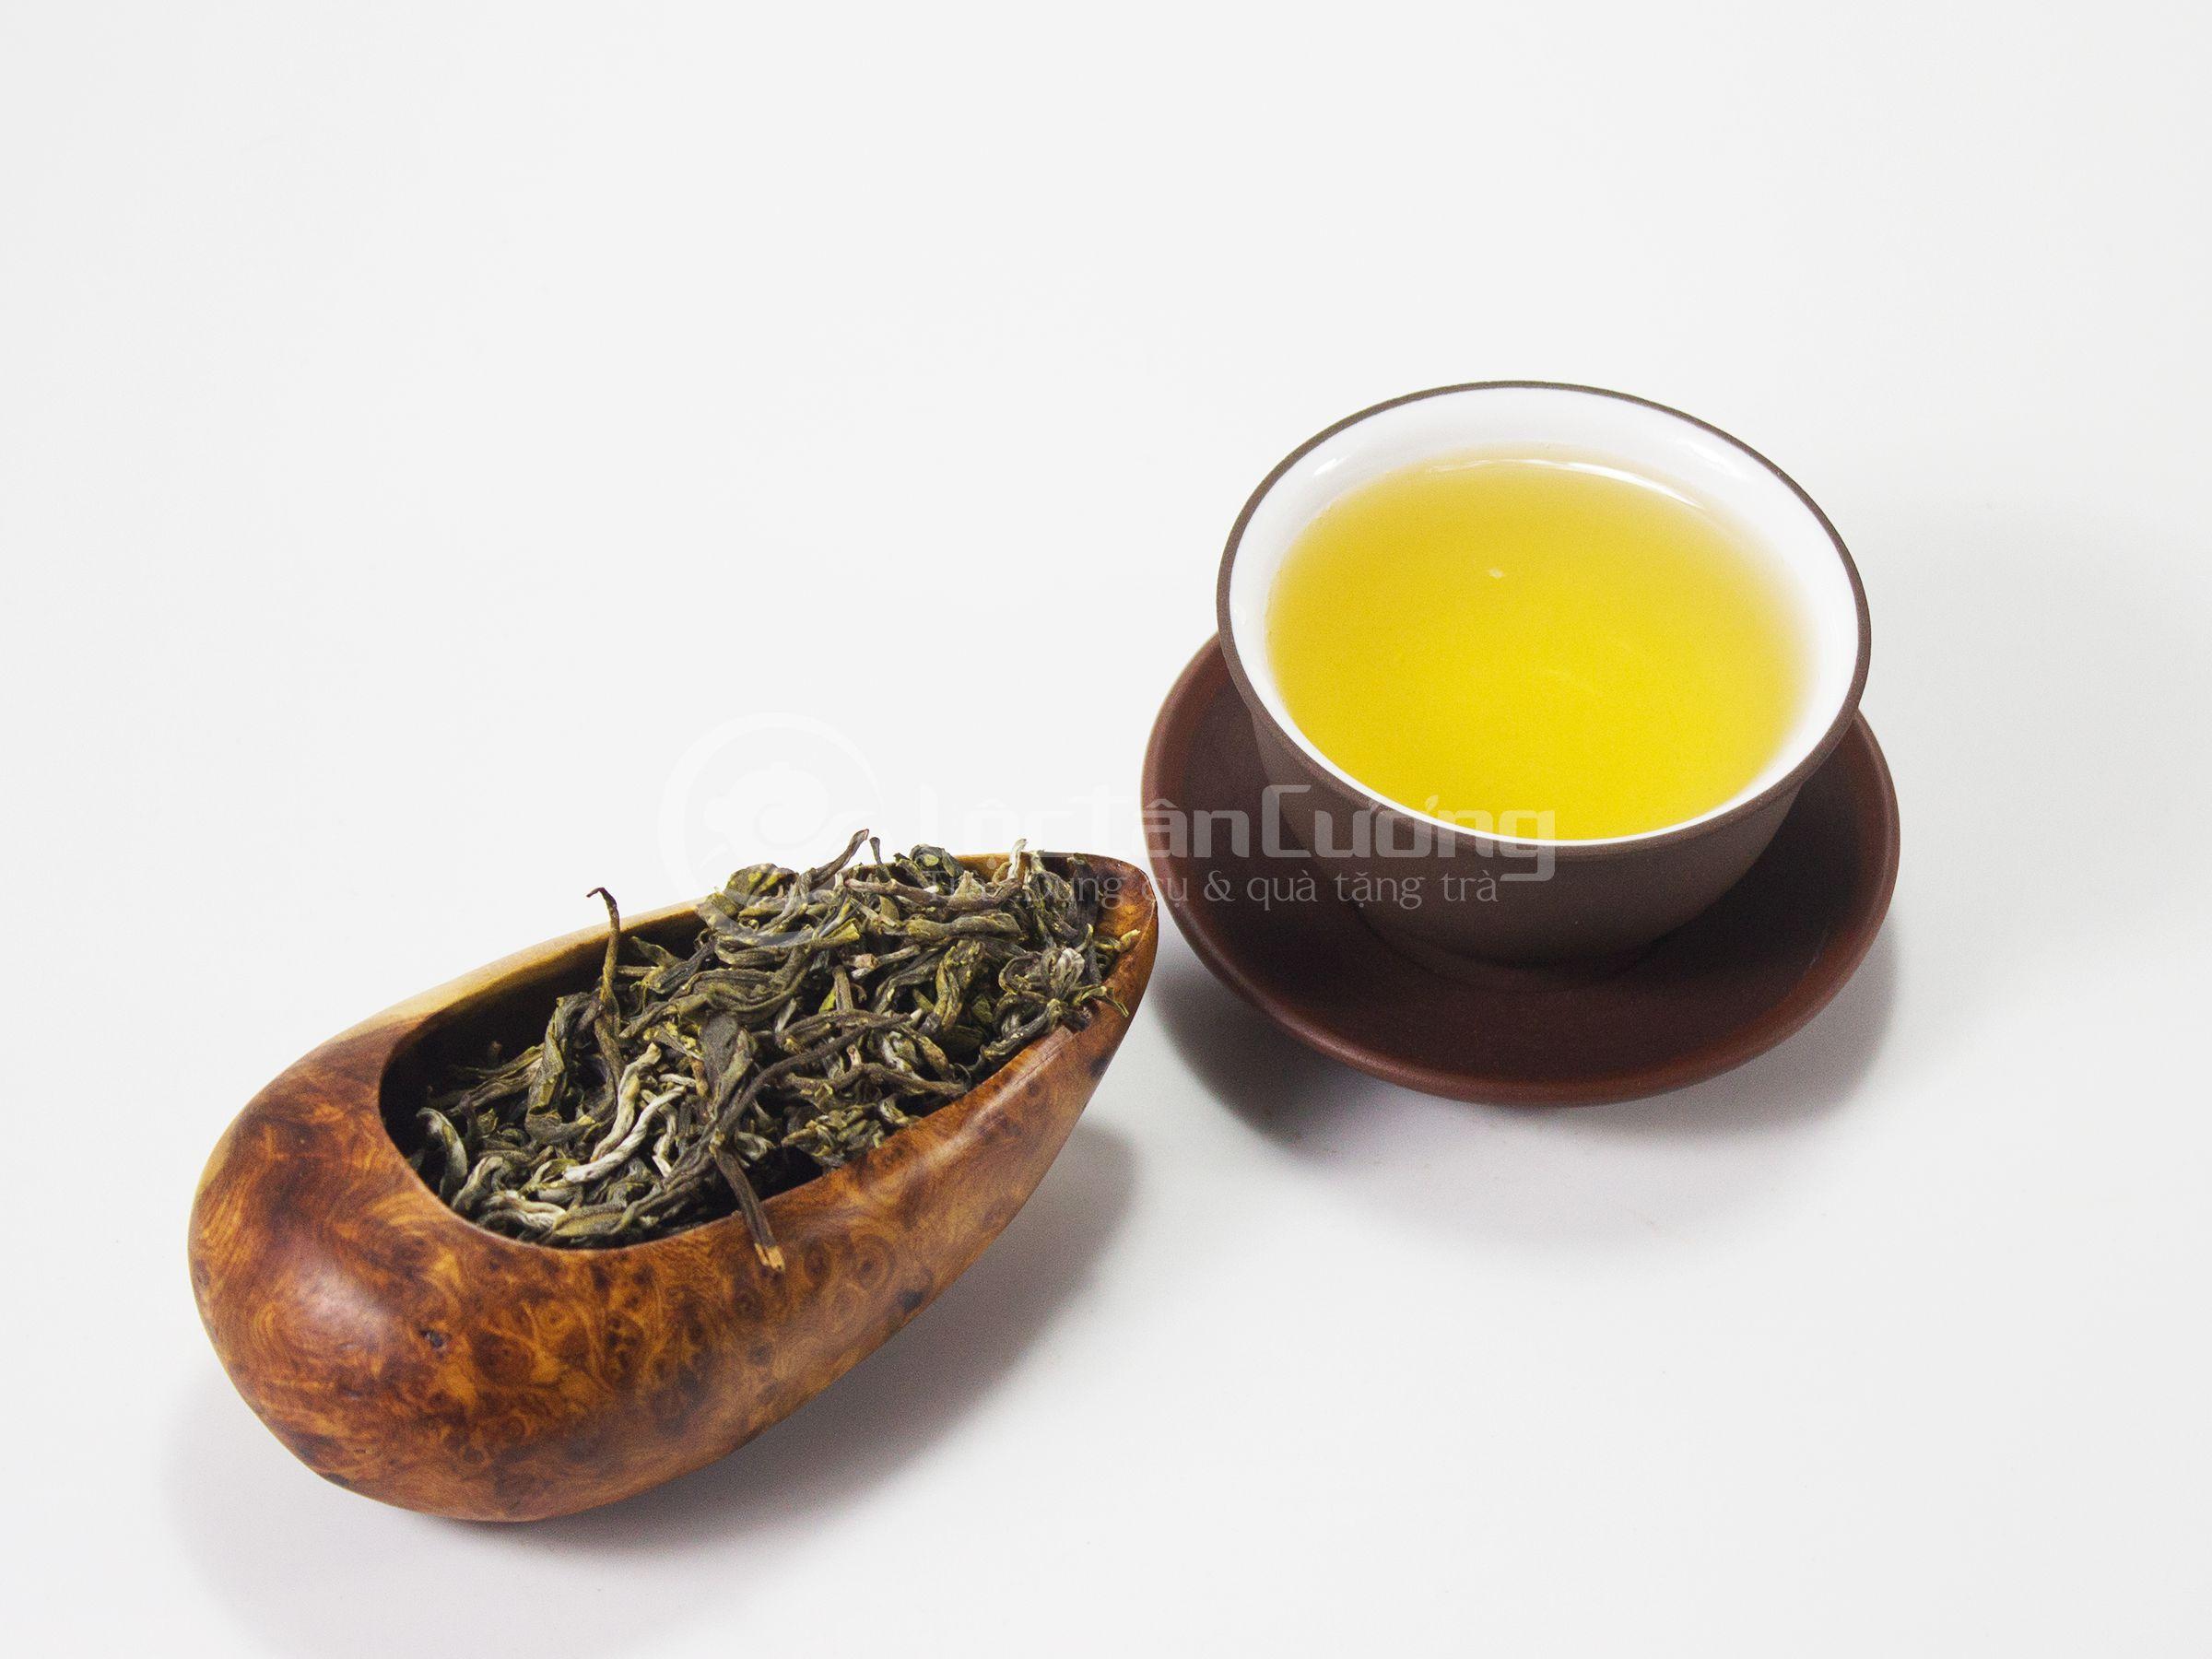 Vân shan trà Tà Xùa rất tốt cho sức khỏe